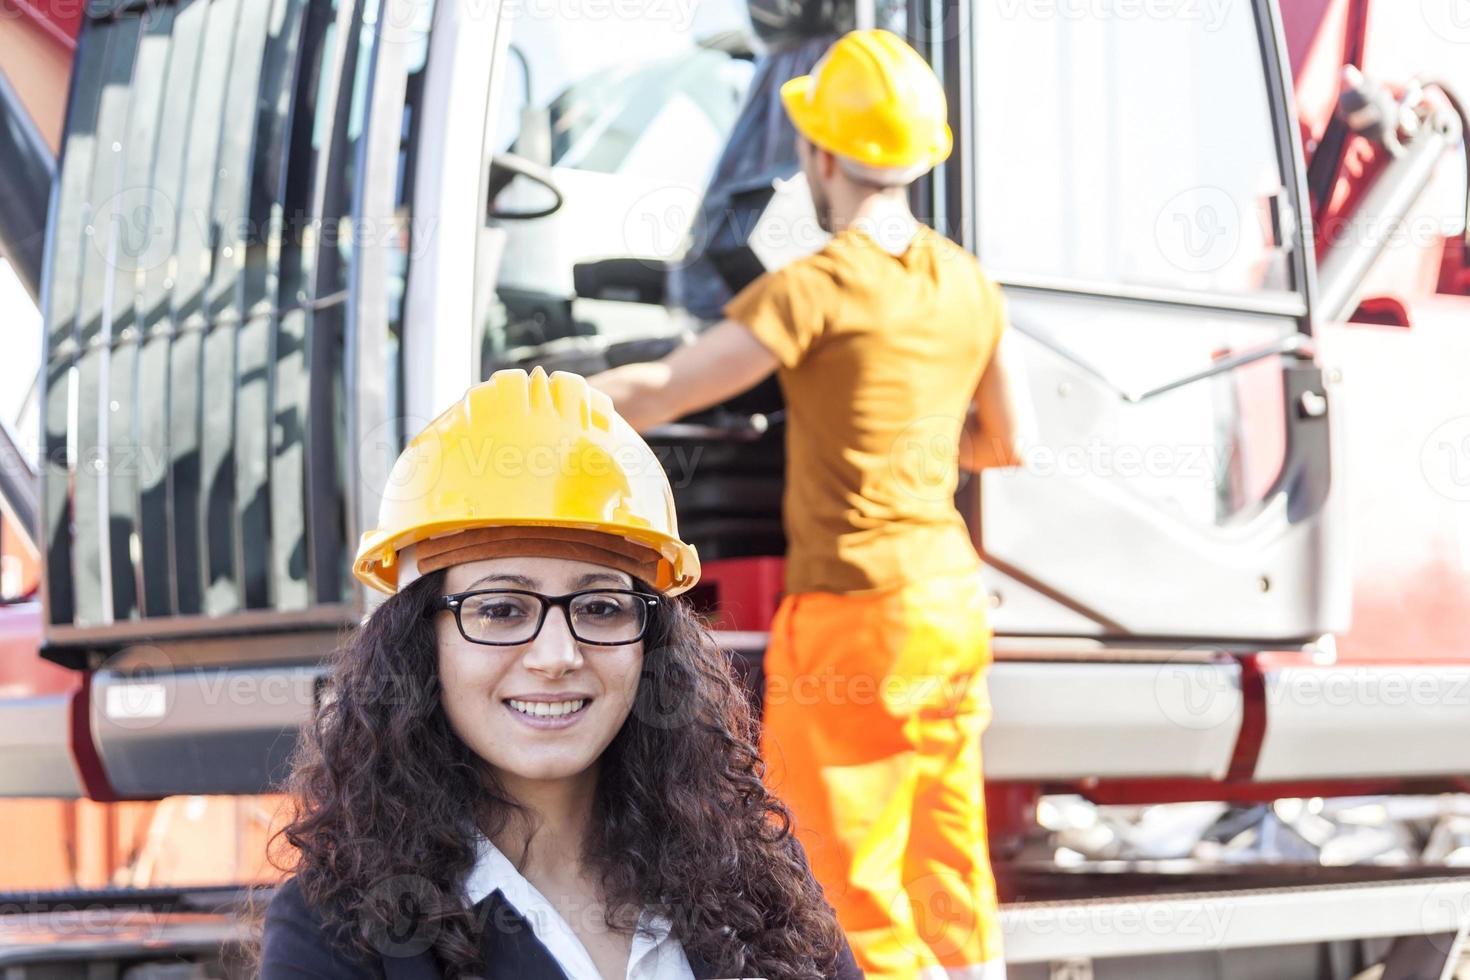 jovem engenheira posando no ferro-velho com um trabalhador foto